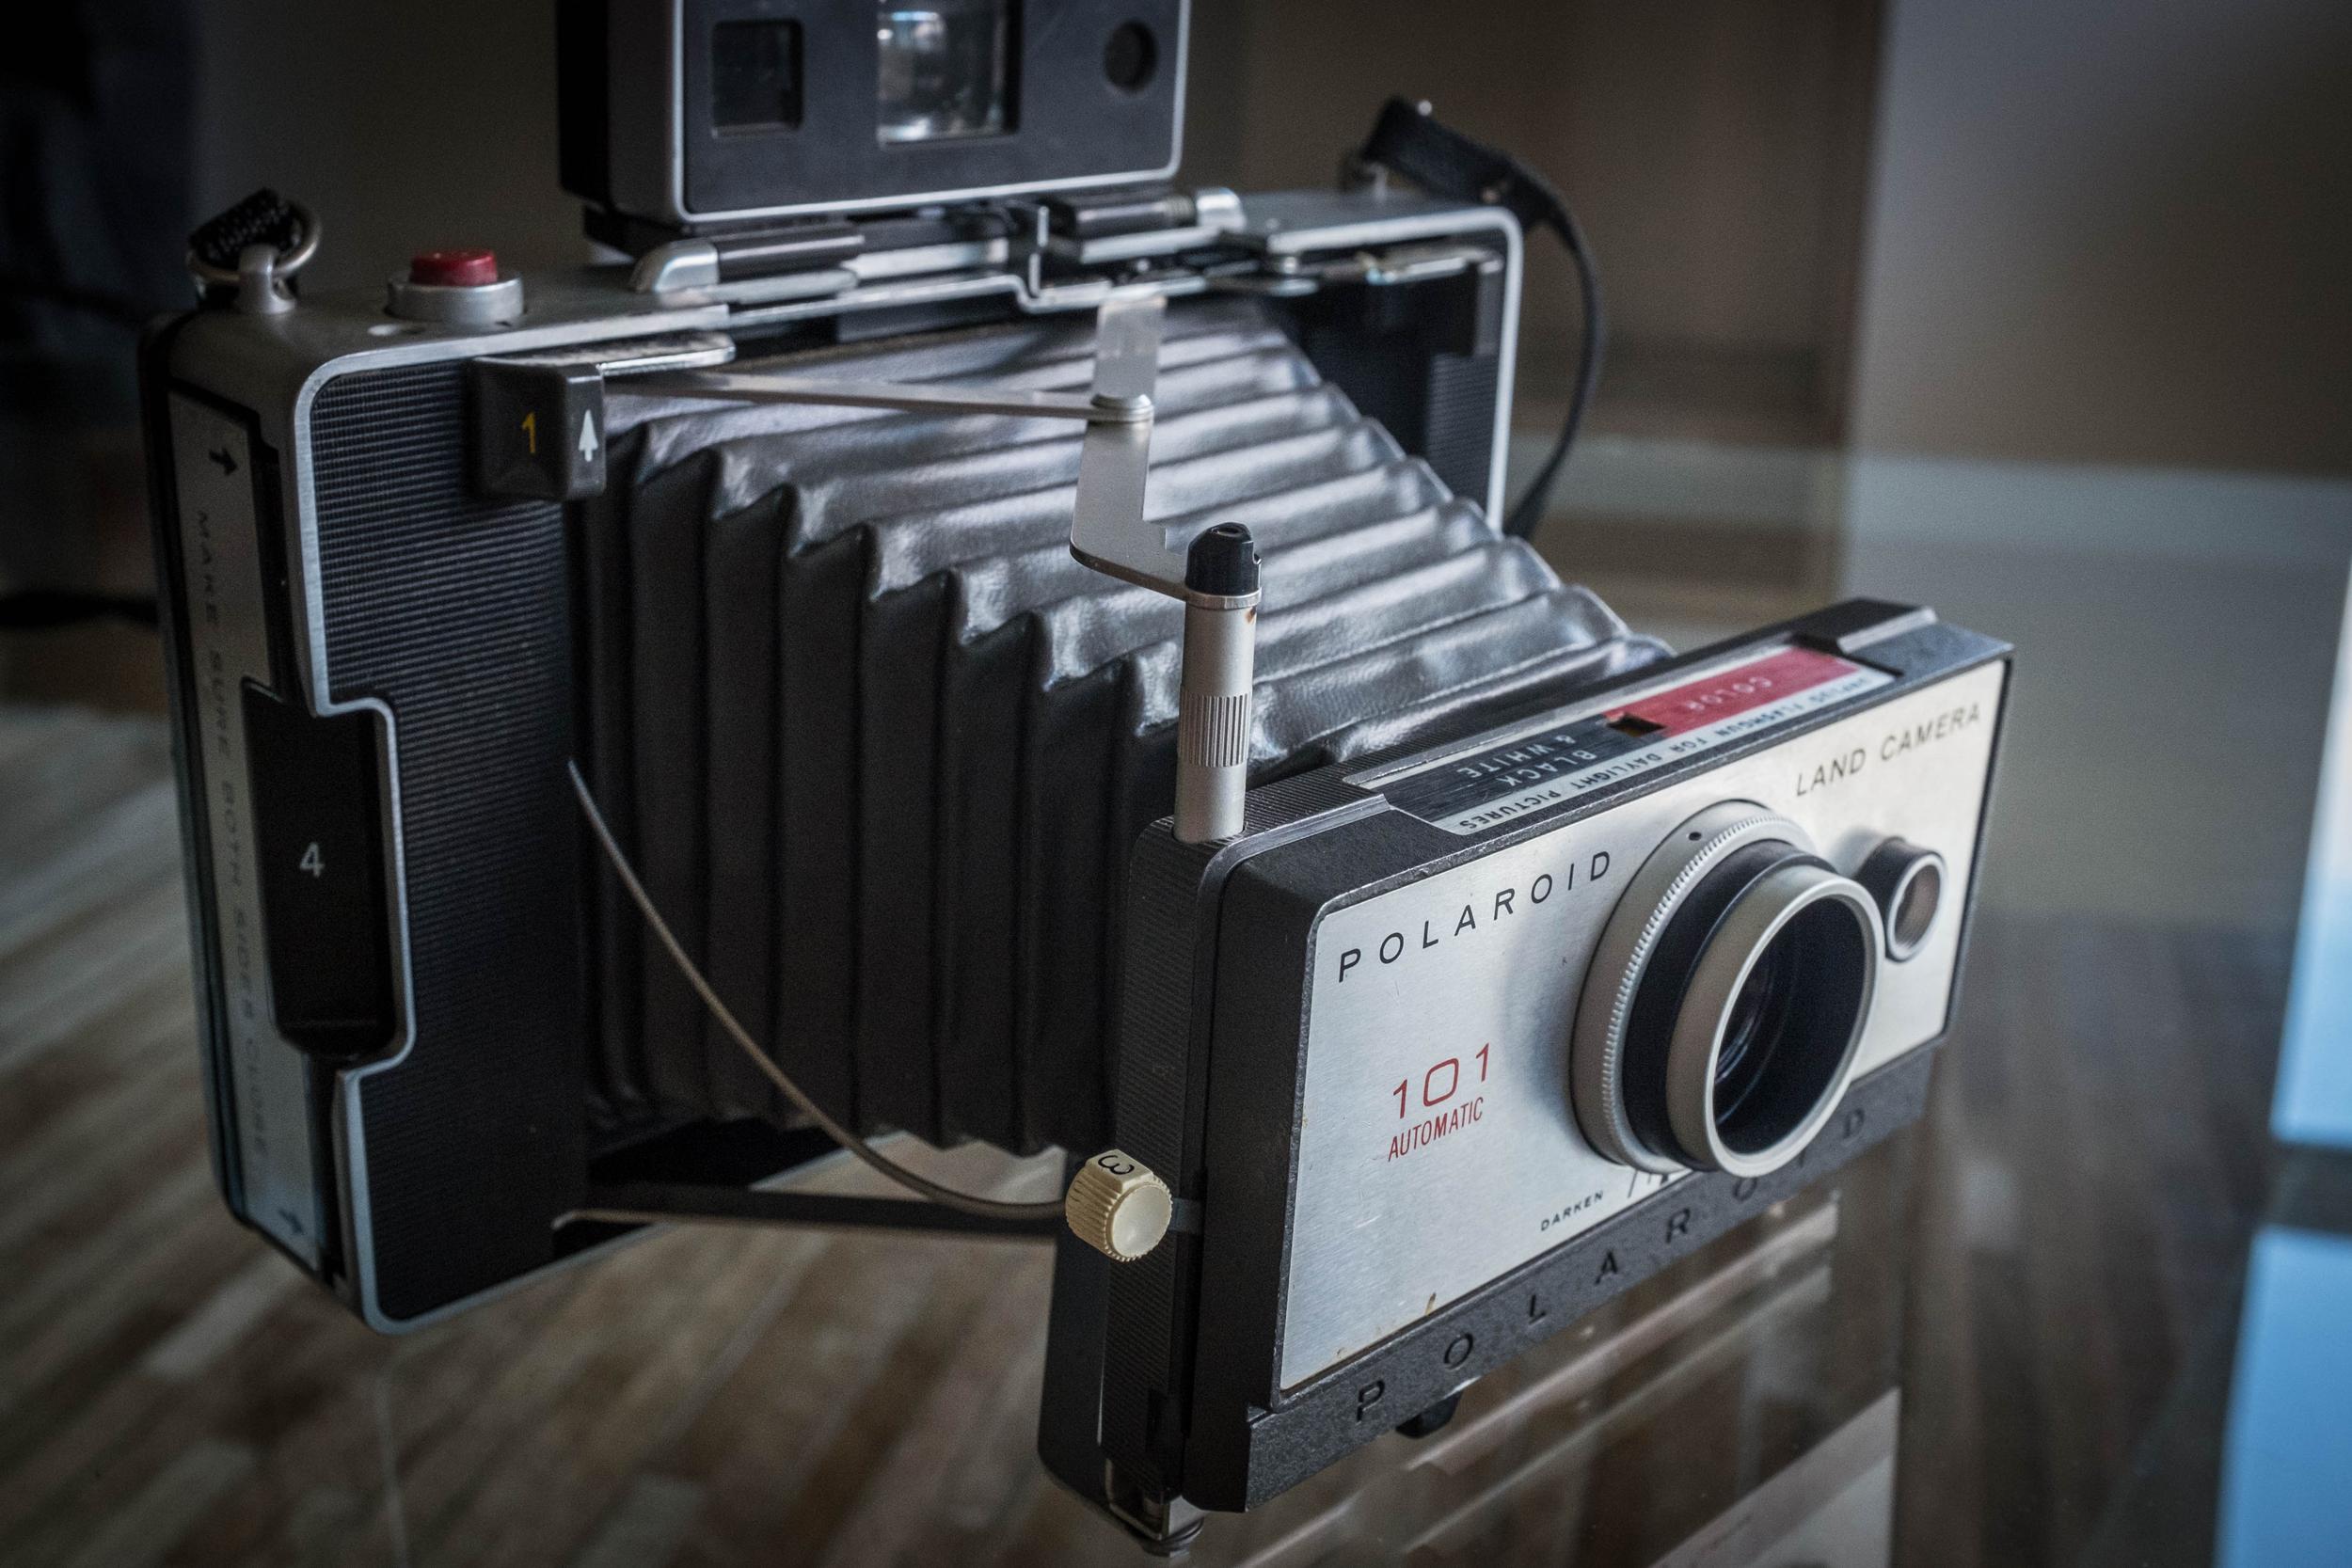 My Polaroid Land Camera 101